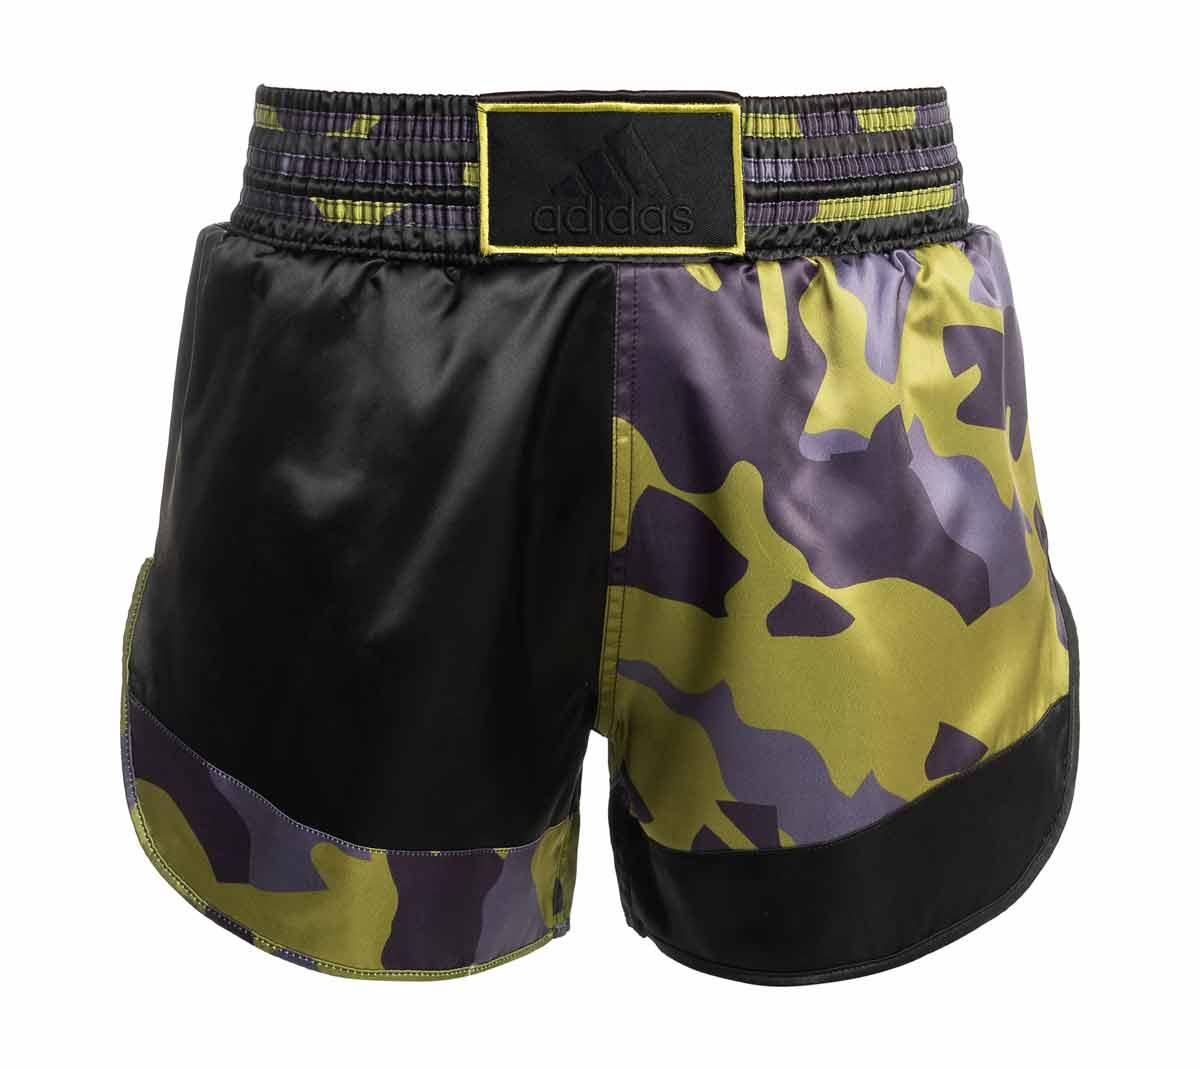 Шорты для кикбоксинга Adidas Kick Boxing Short Satin зелено-черные, размер XL артикул adiSKB01